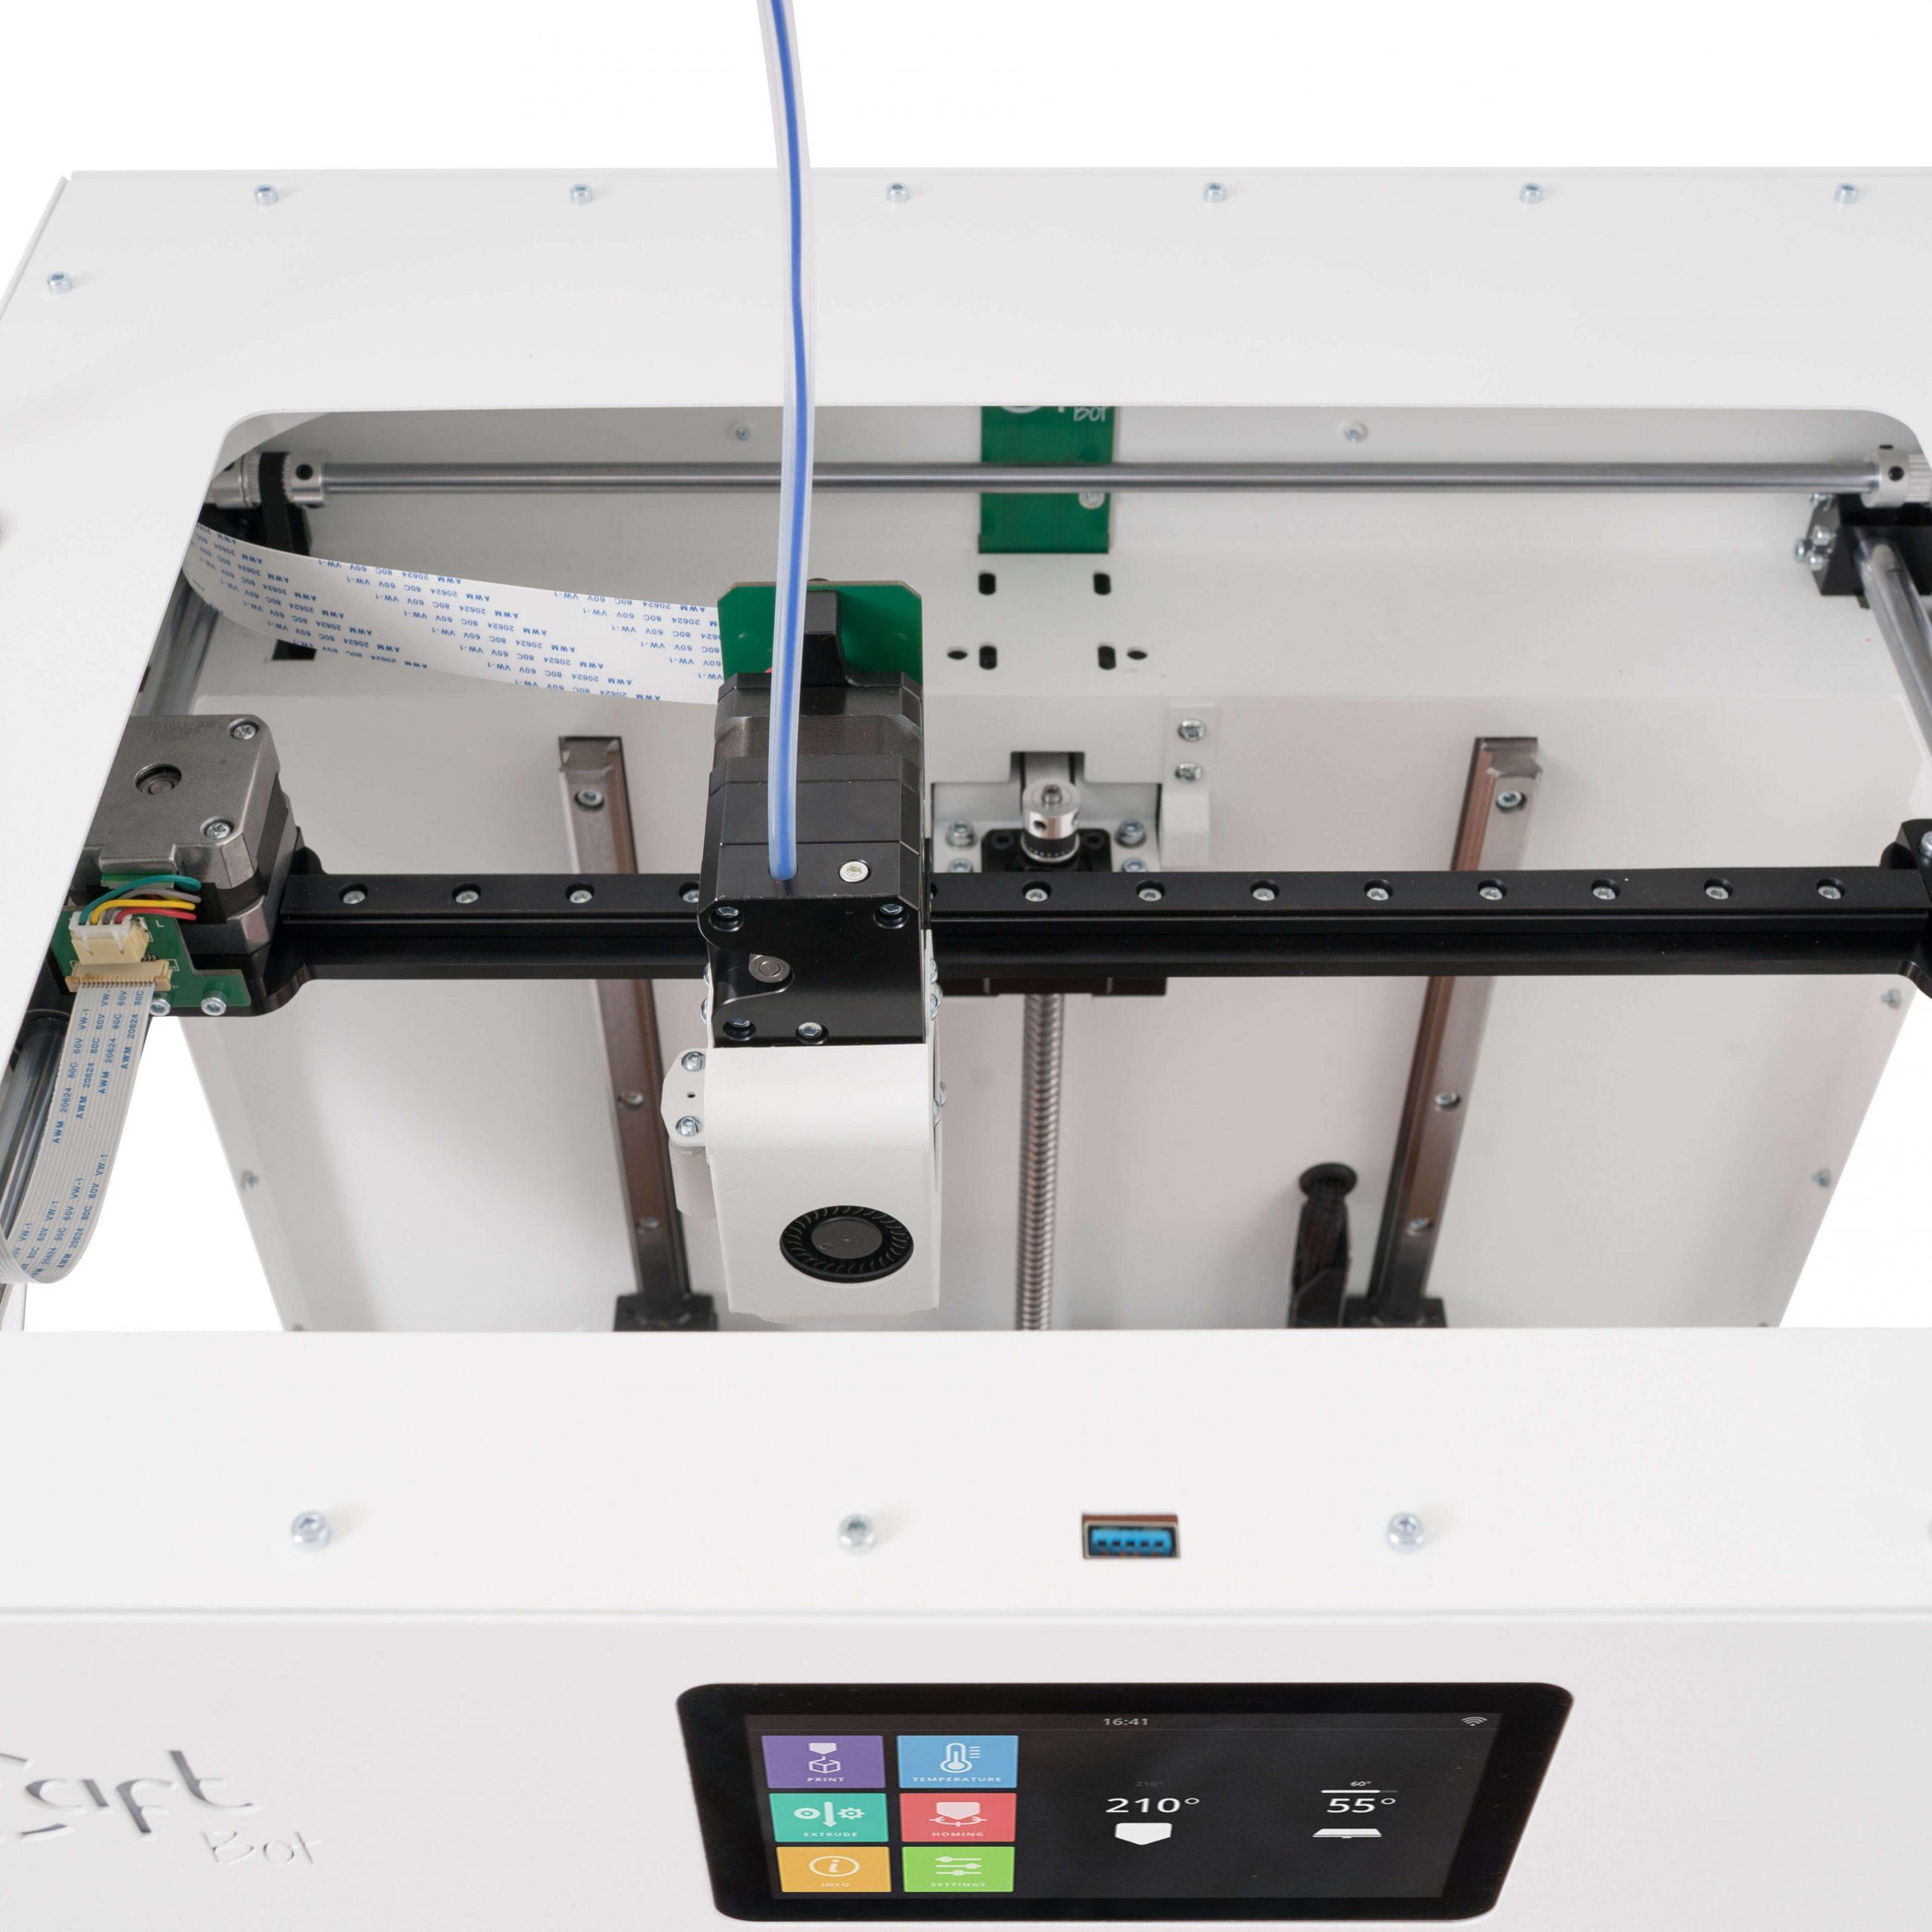 craftbot-flow-xl-3d-drucker-mechanik.jpg